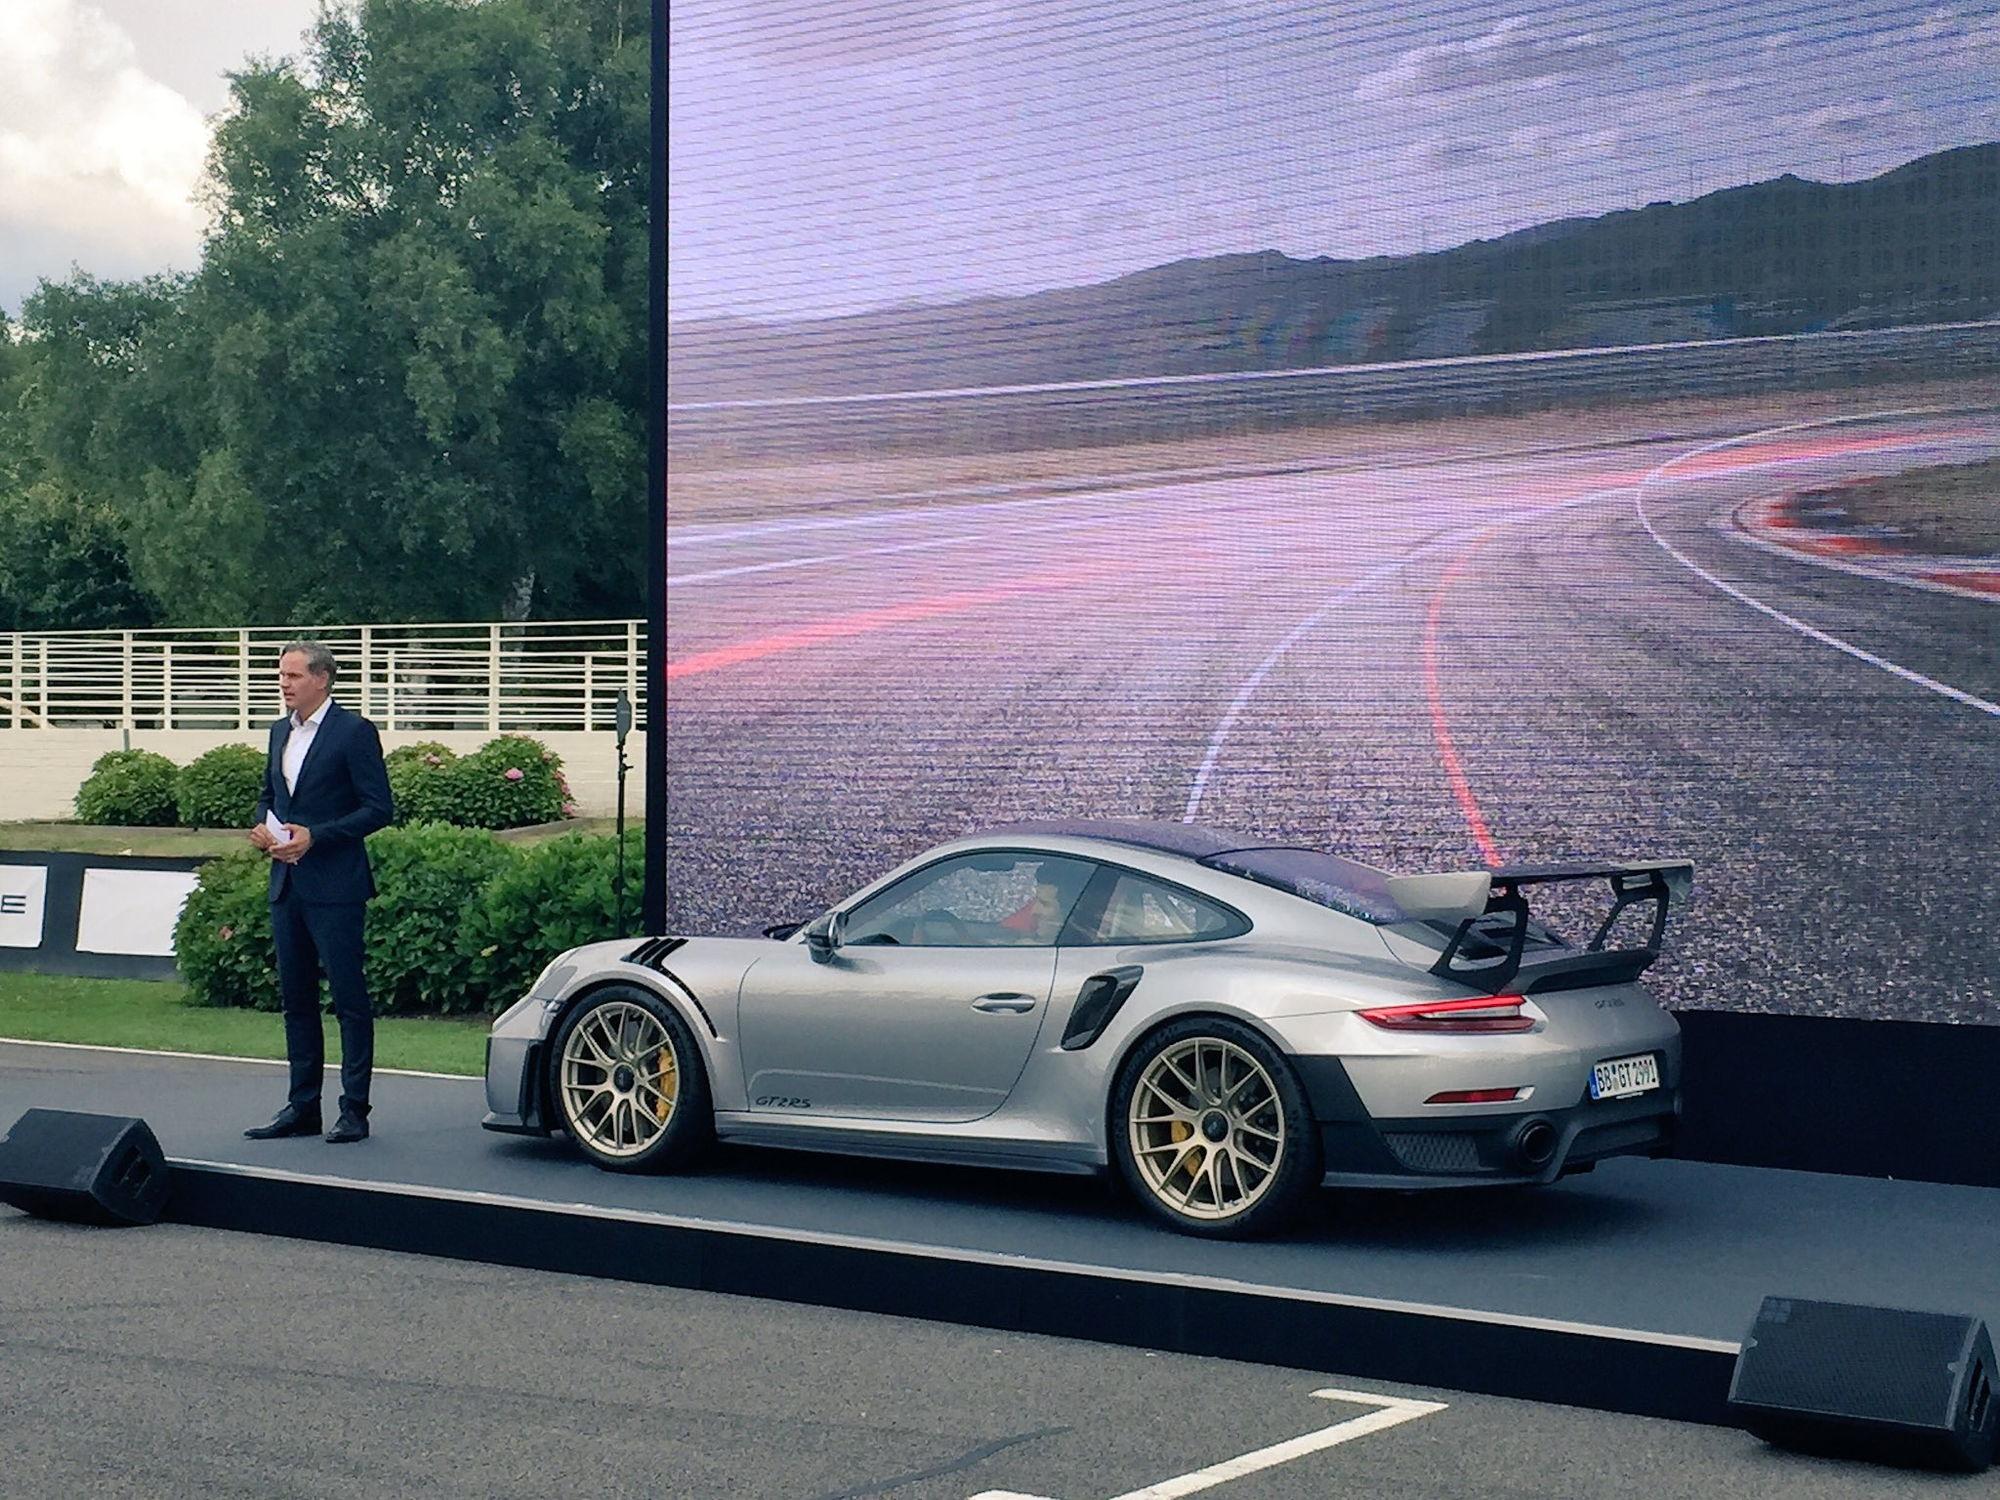 80-ddlcinsxkaufhgm_jpg_large_a4116c3695da2b88337d13094ec594fbee06d3c4 Exciting Porsche 911 Gt2 La Centrale Cars Trend